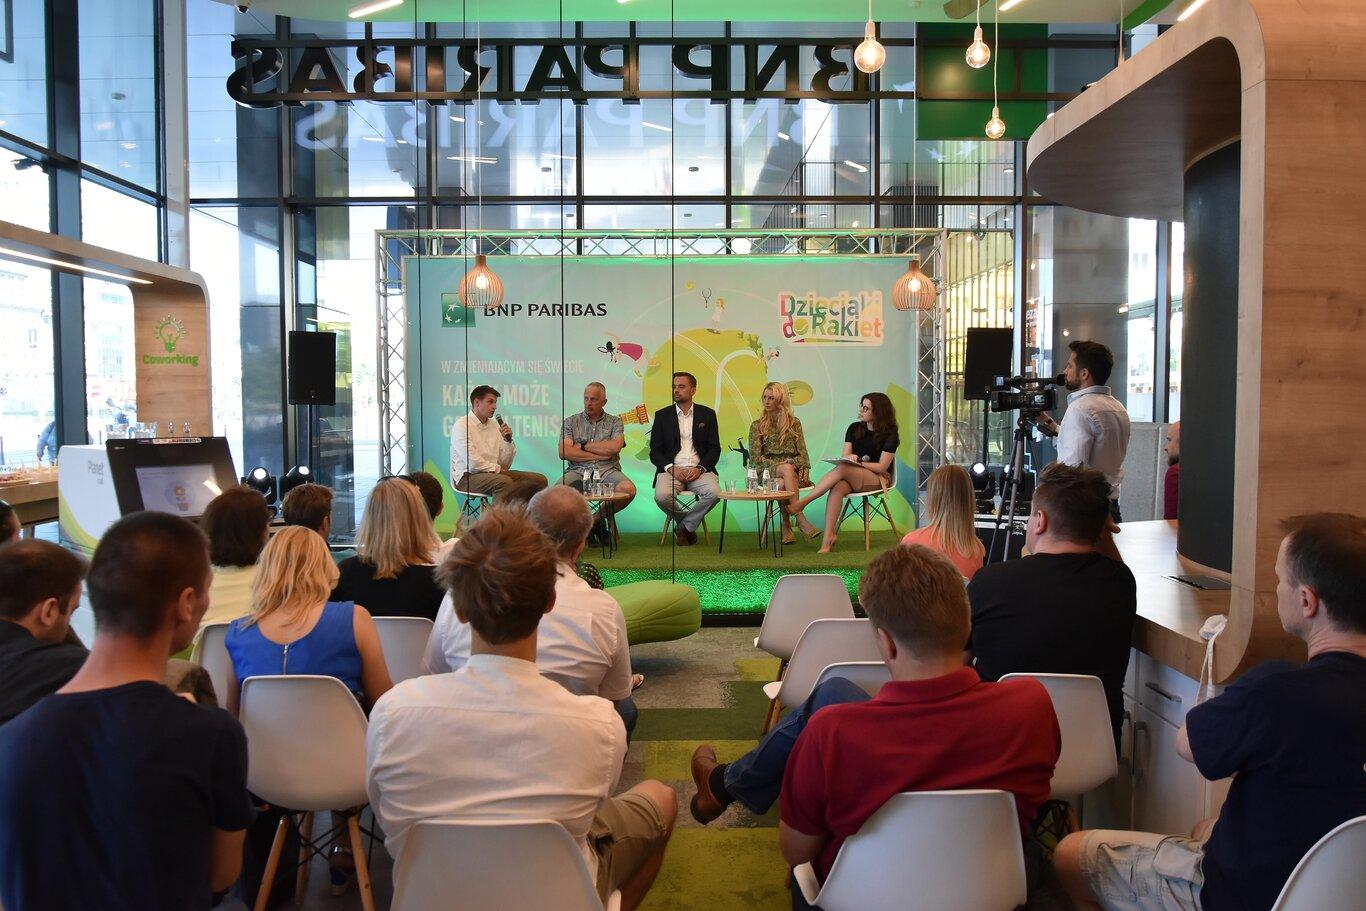 Dzieciaki do Rakiet: Bank BNP Paribas zachęca dzieci do gry w tenisa